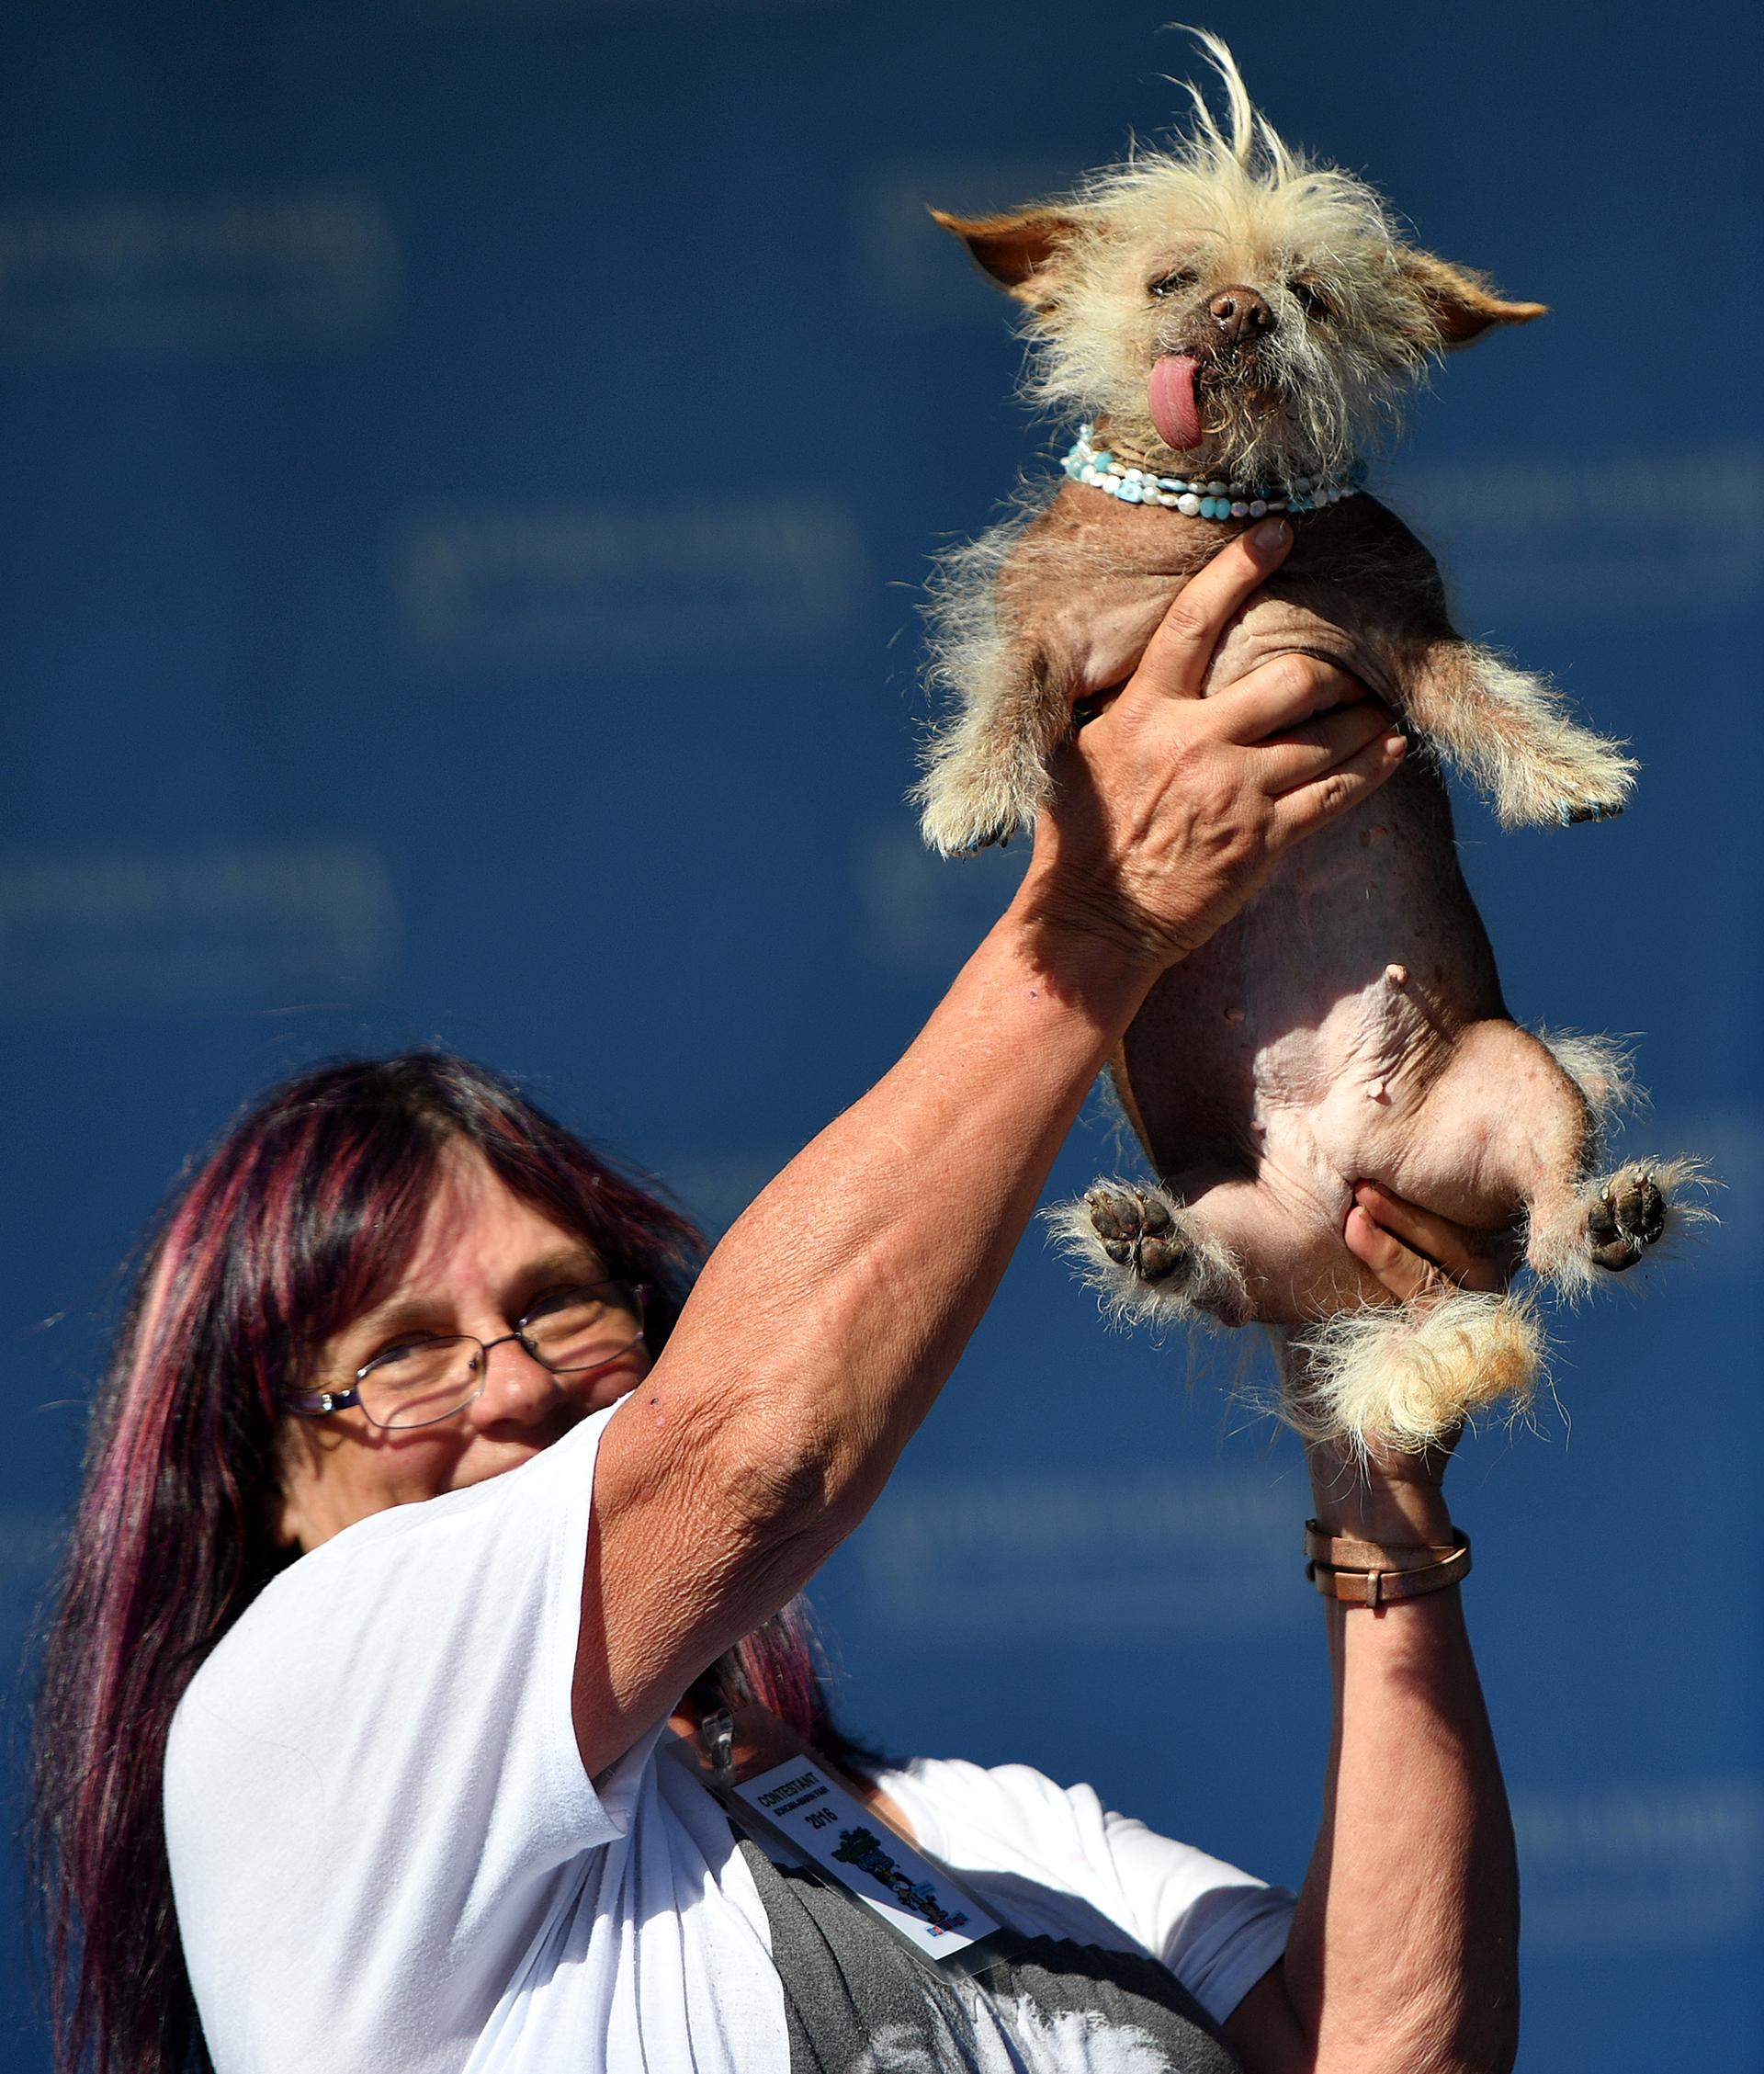 El Baño Mas Feo Del Mundo:El concurso que elige a los perros más feos del mundo